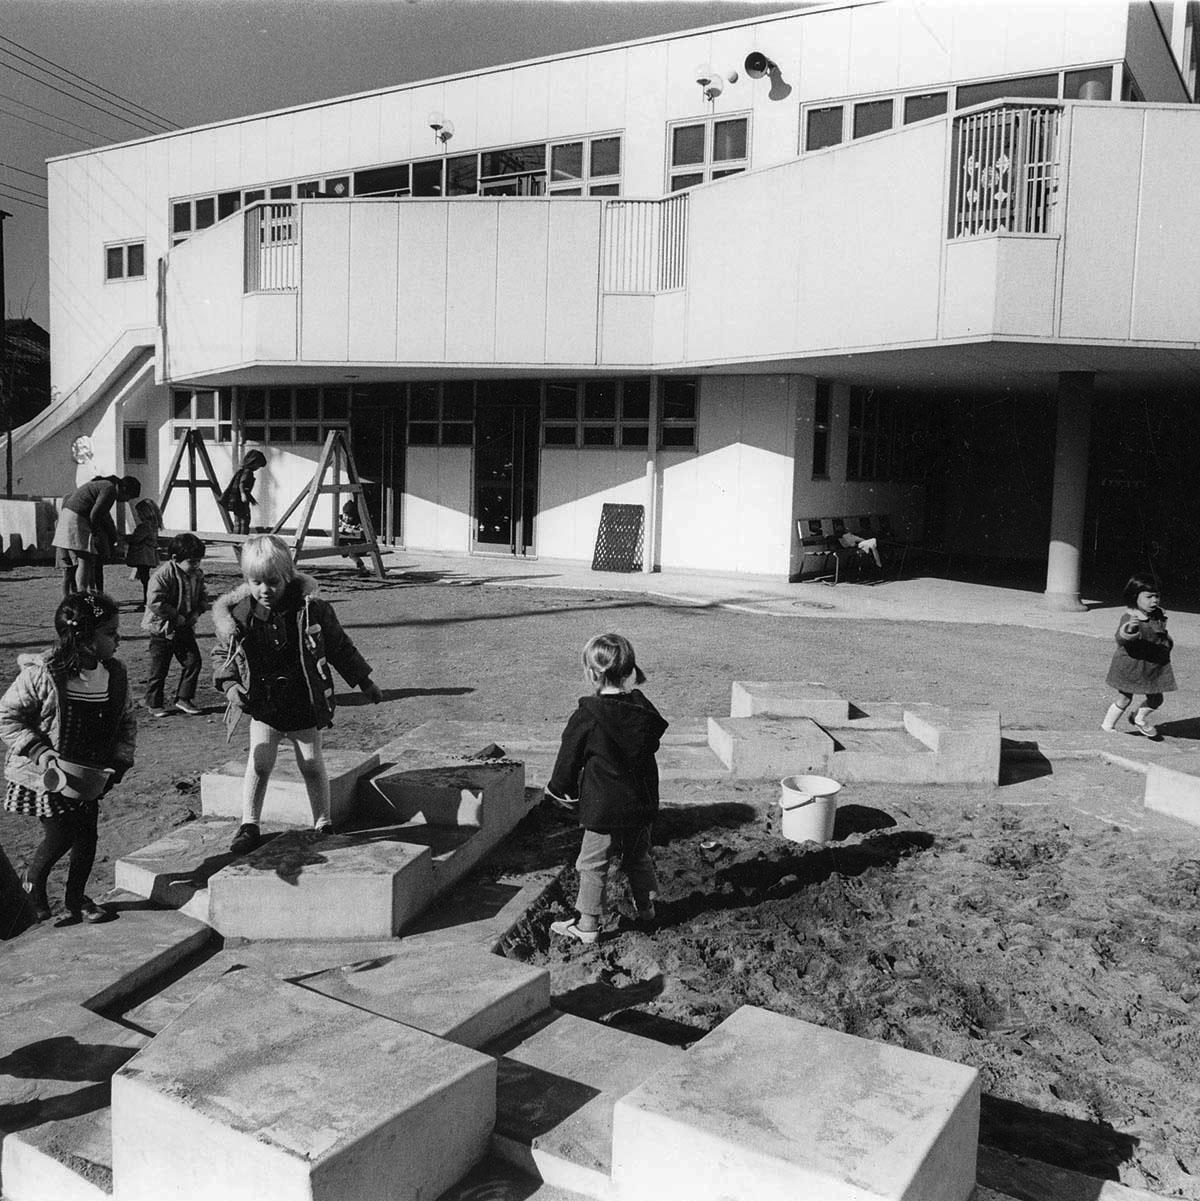 ASIJ Nursery-Kindergarten in Nakameguro from 1973